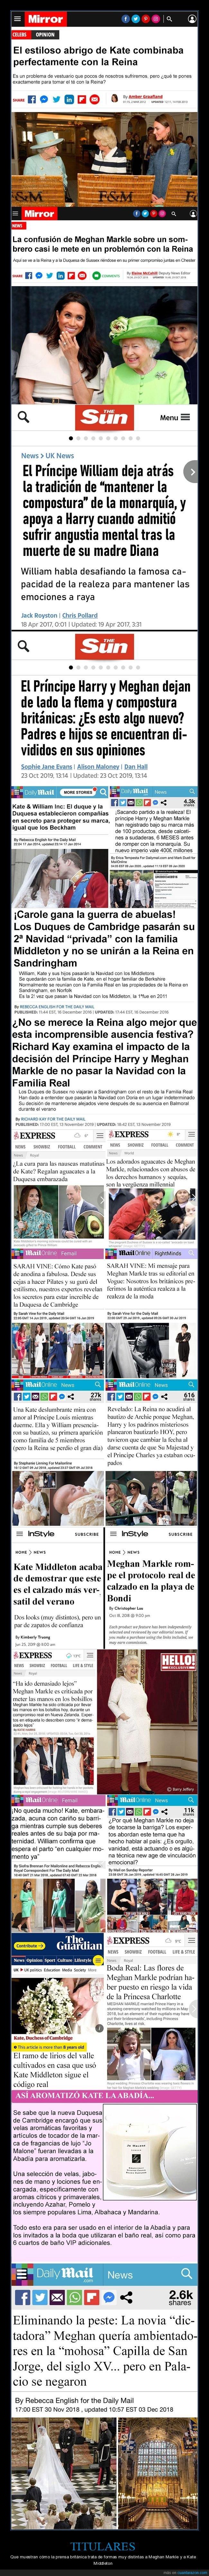 kate middleton,meghan markle,prensa británica,titulares